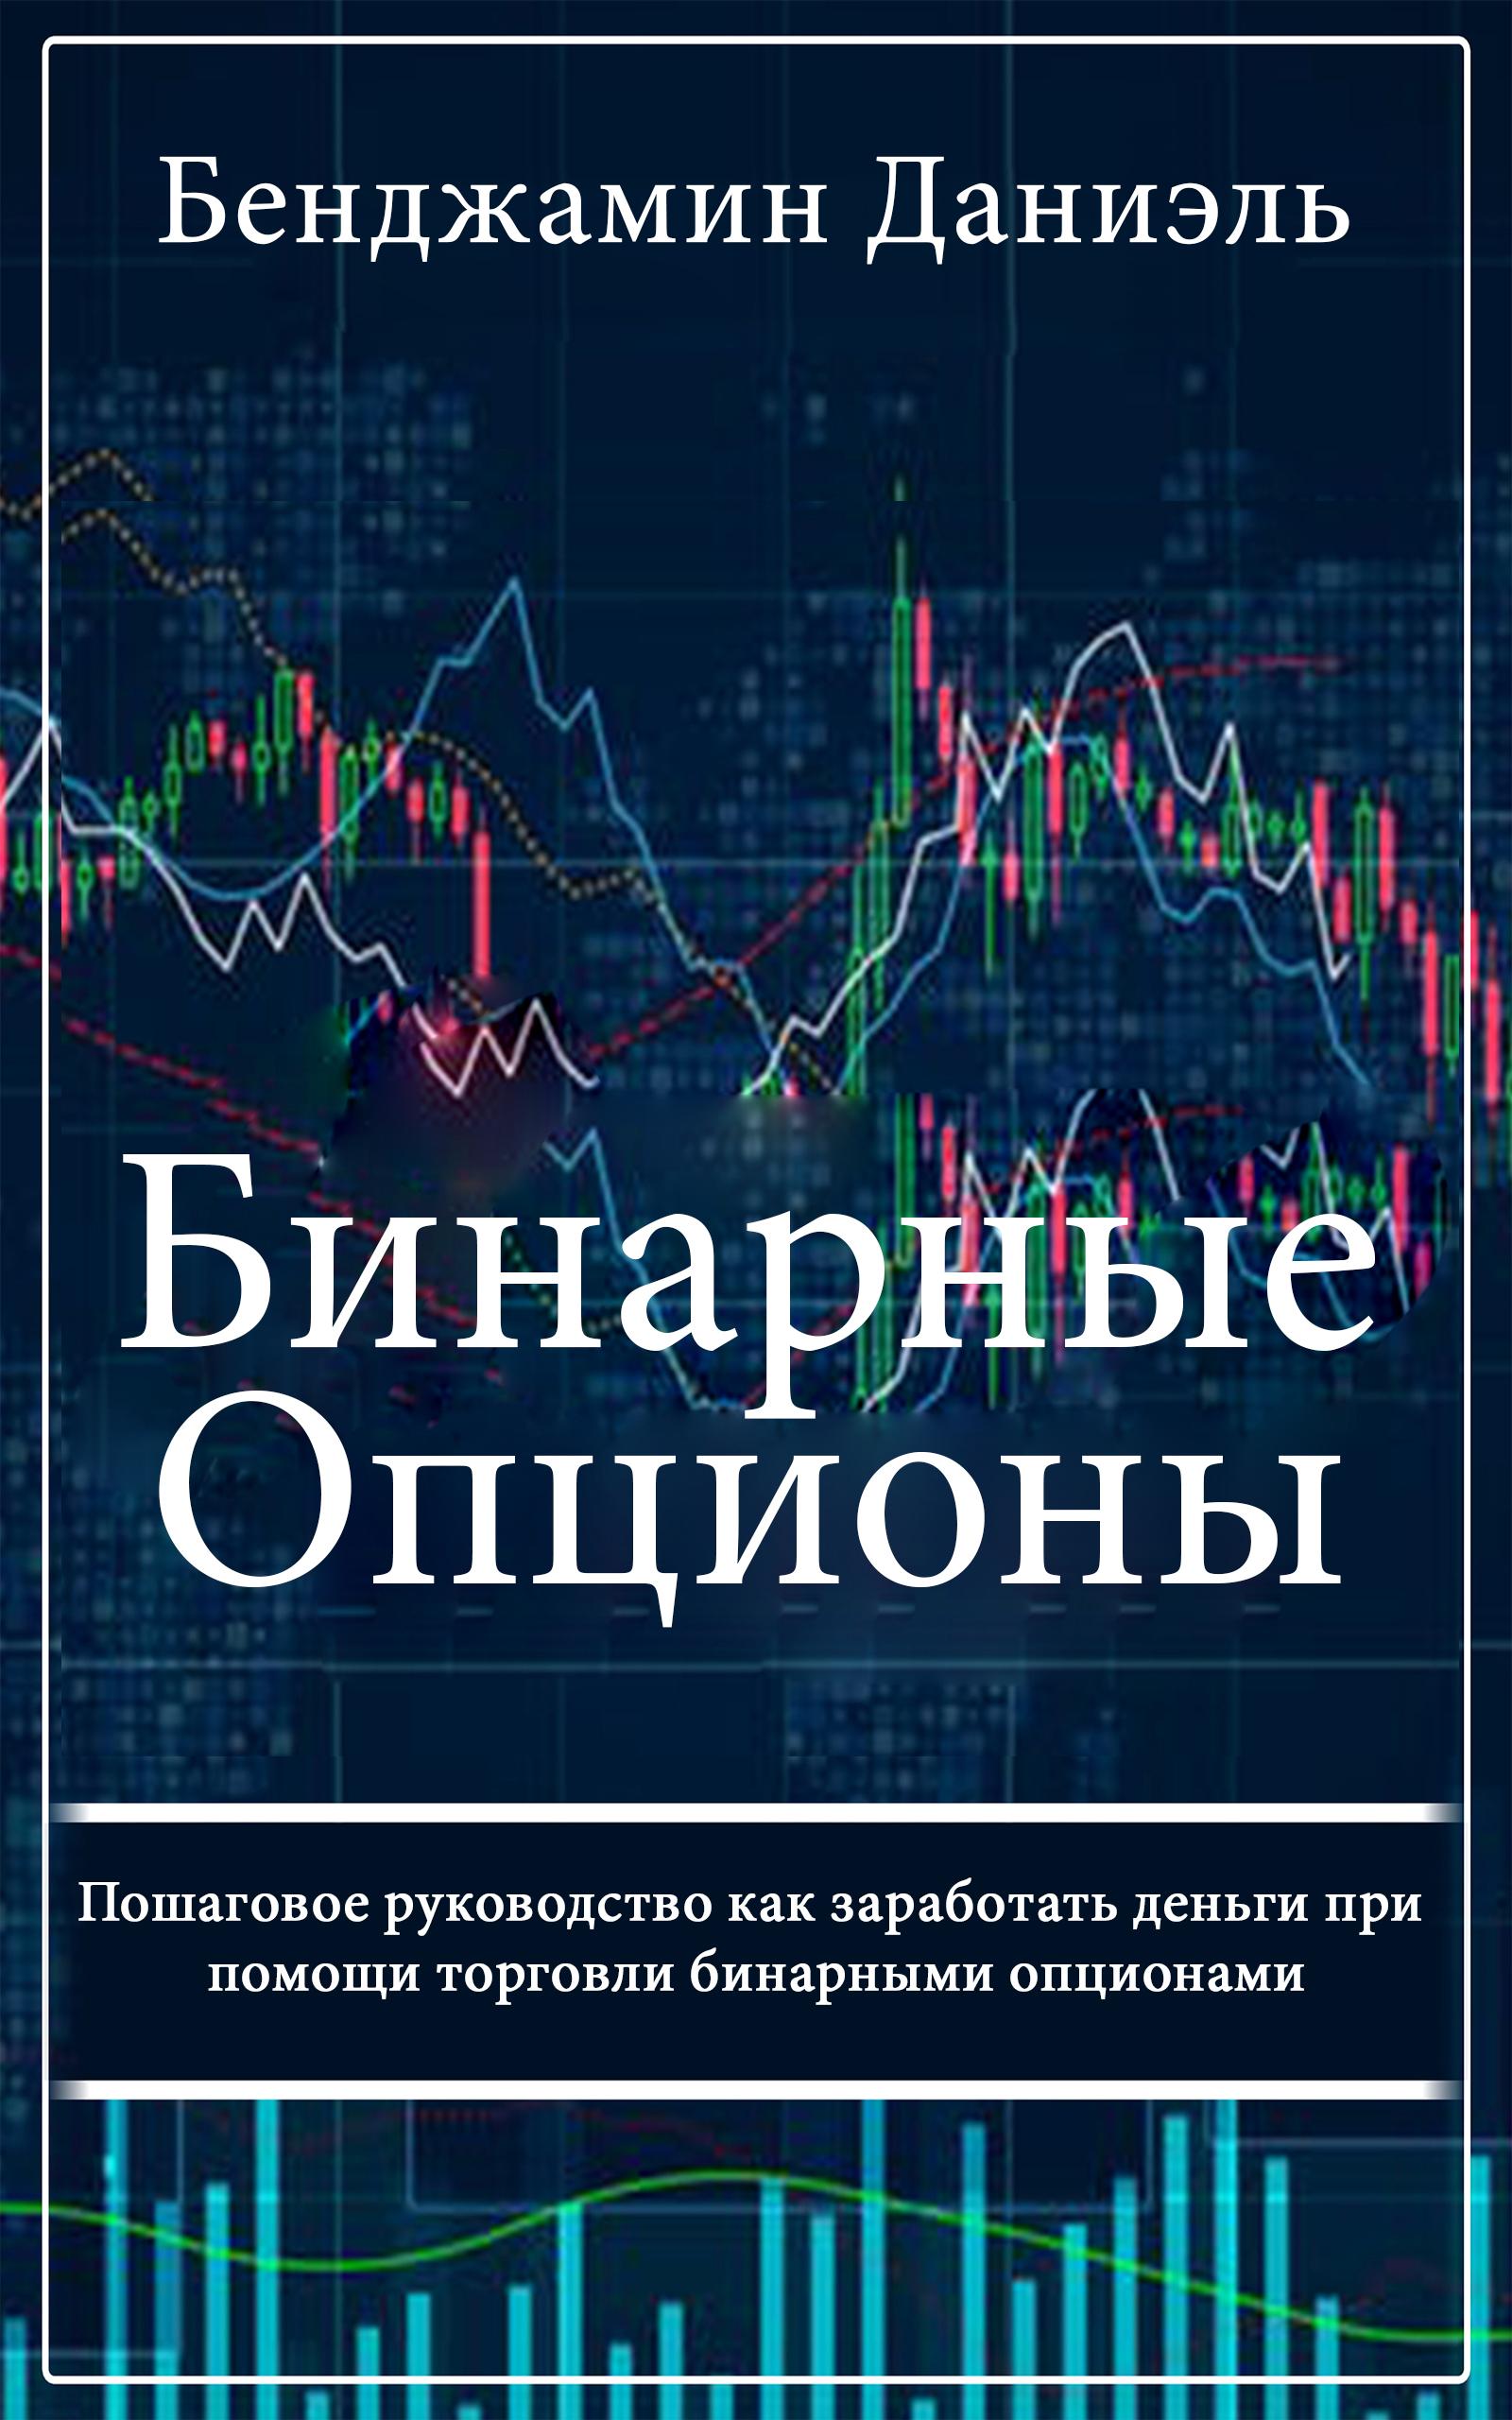 Кто заработал на торговле бинарными опционами как купить биткоин банки ру